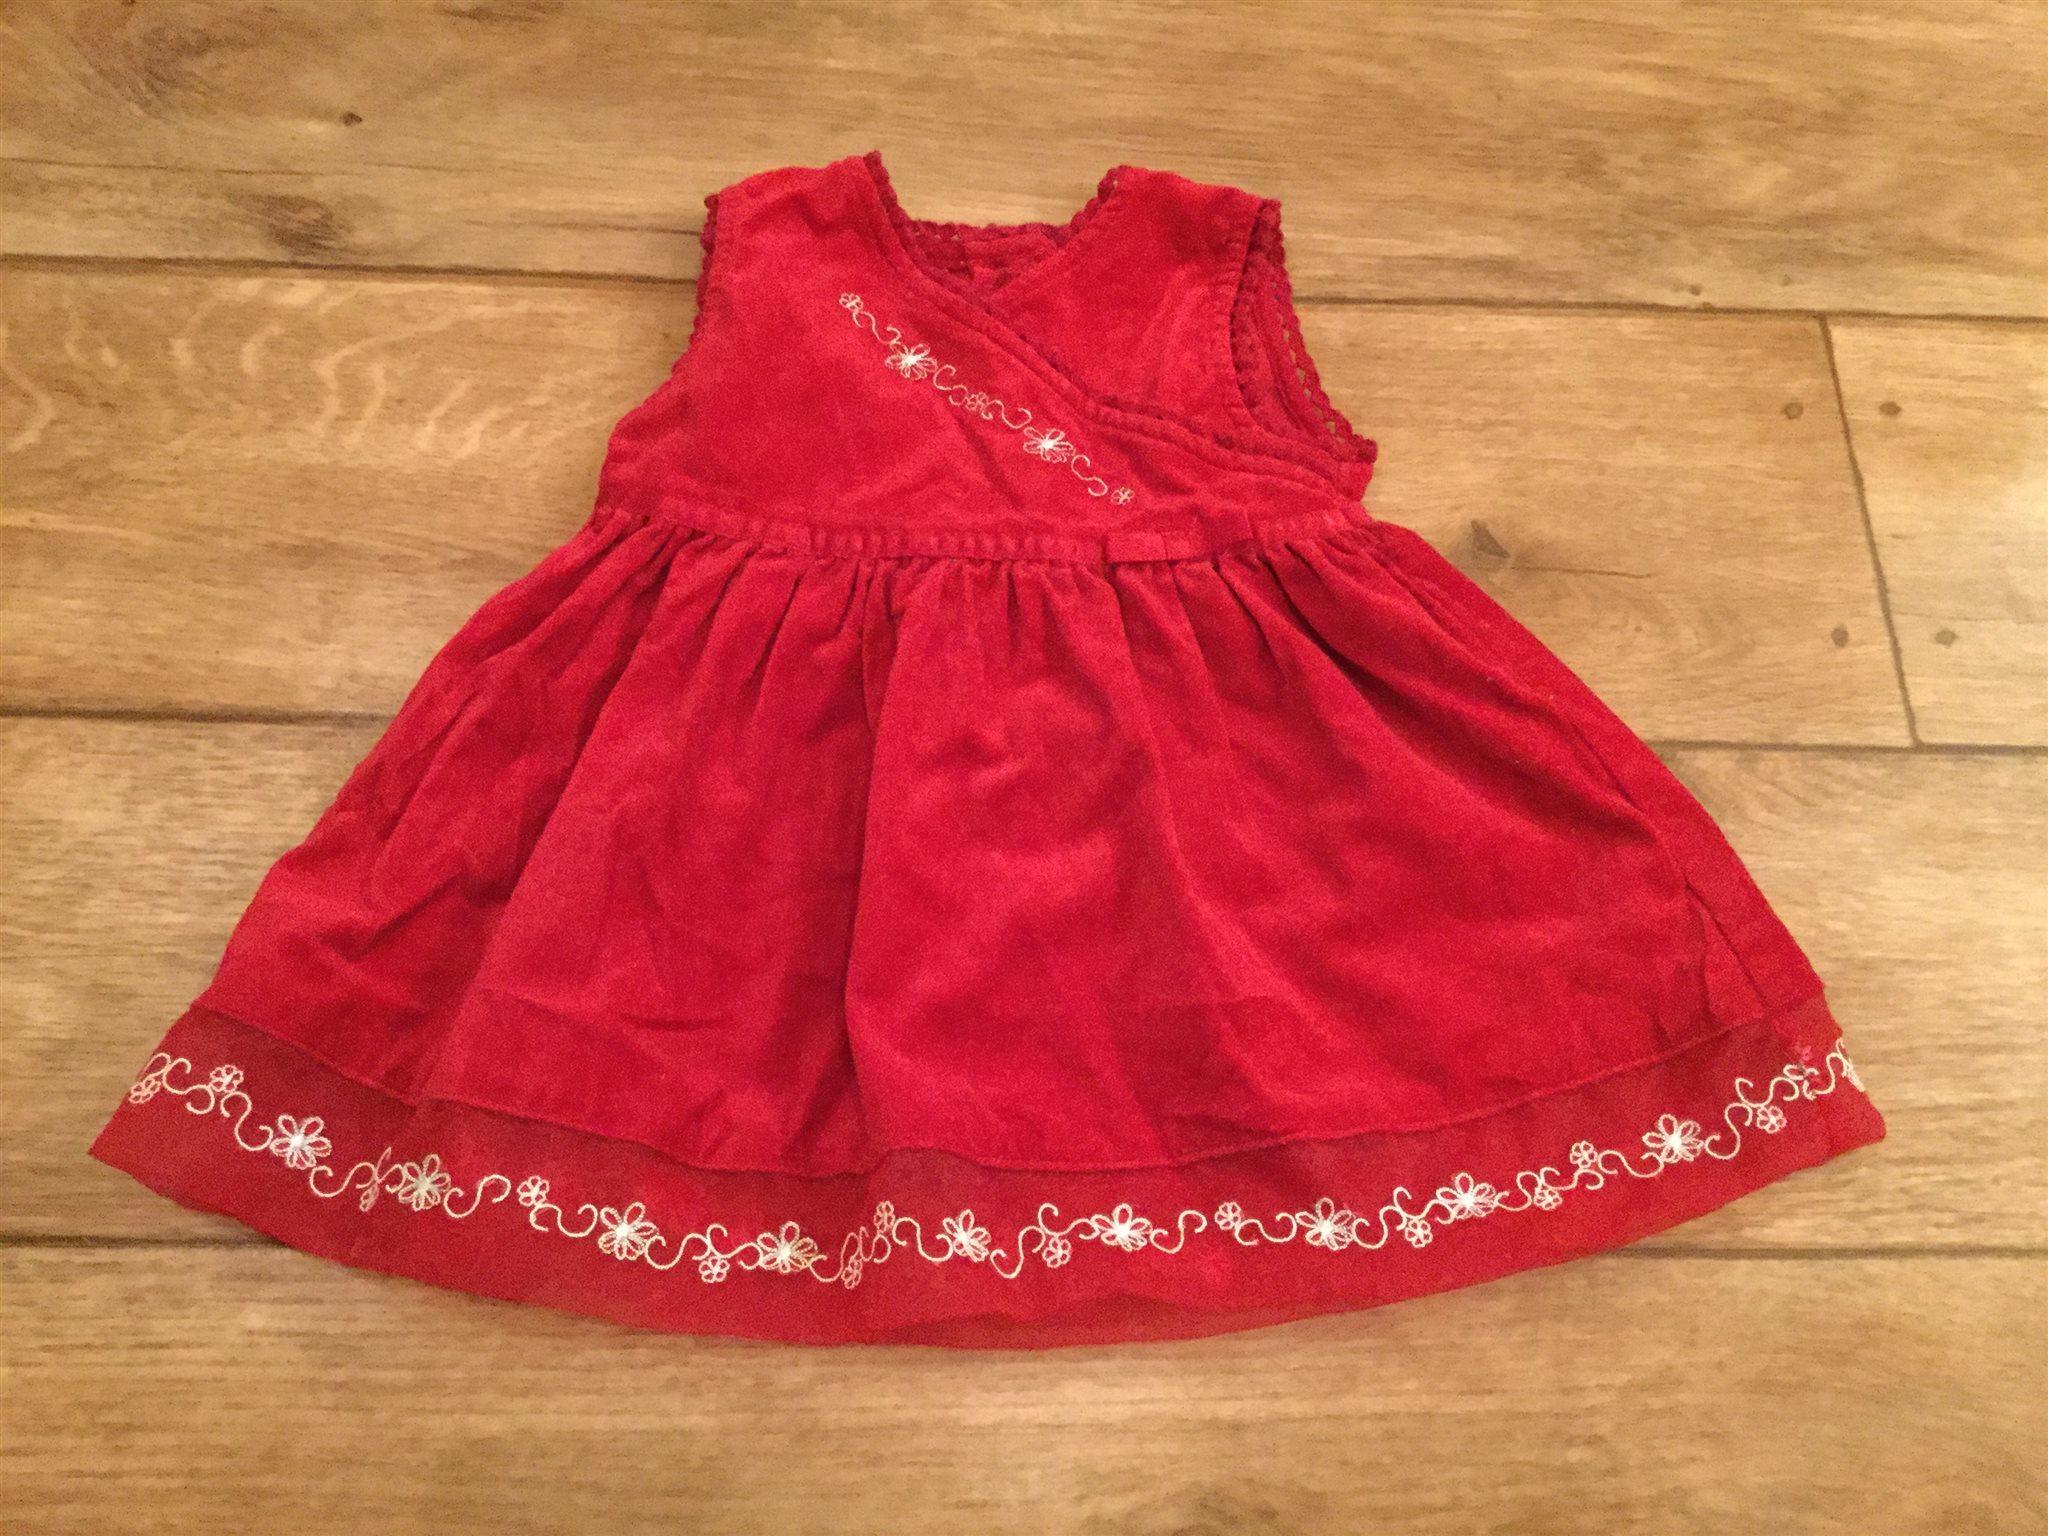 5a061f2b2cff Röd julklänning jul klänning stl 56 st. Bernard (331651490) ᐈ Köp ...